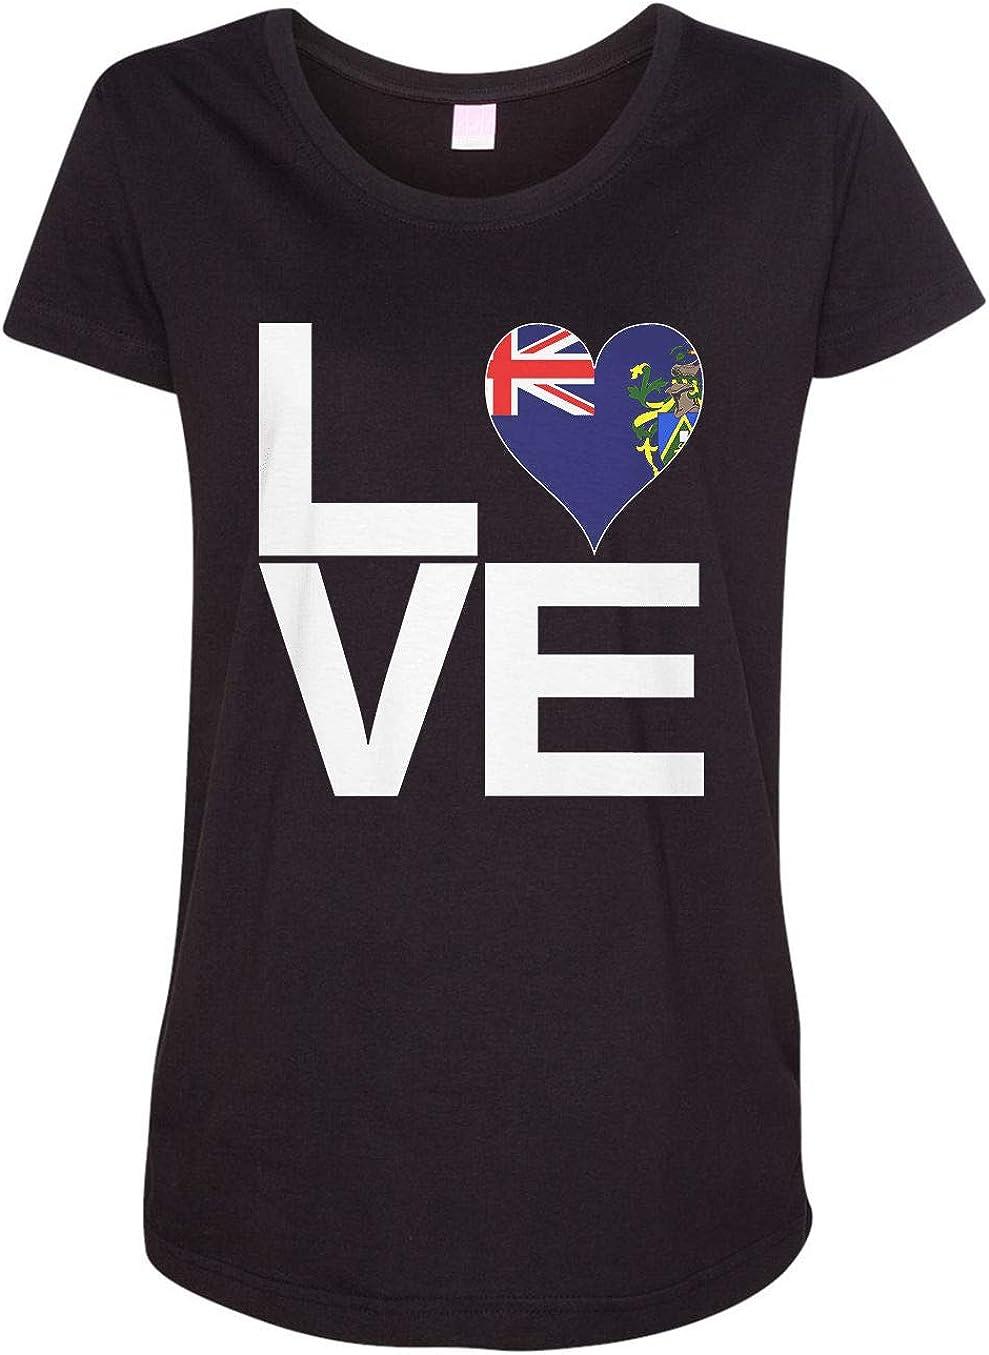 HARD EDGE DESIGN Women's Love Block Pitcairn Islands Heart T-Shirt